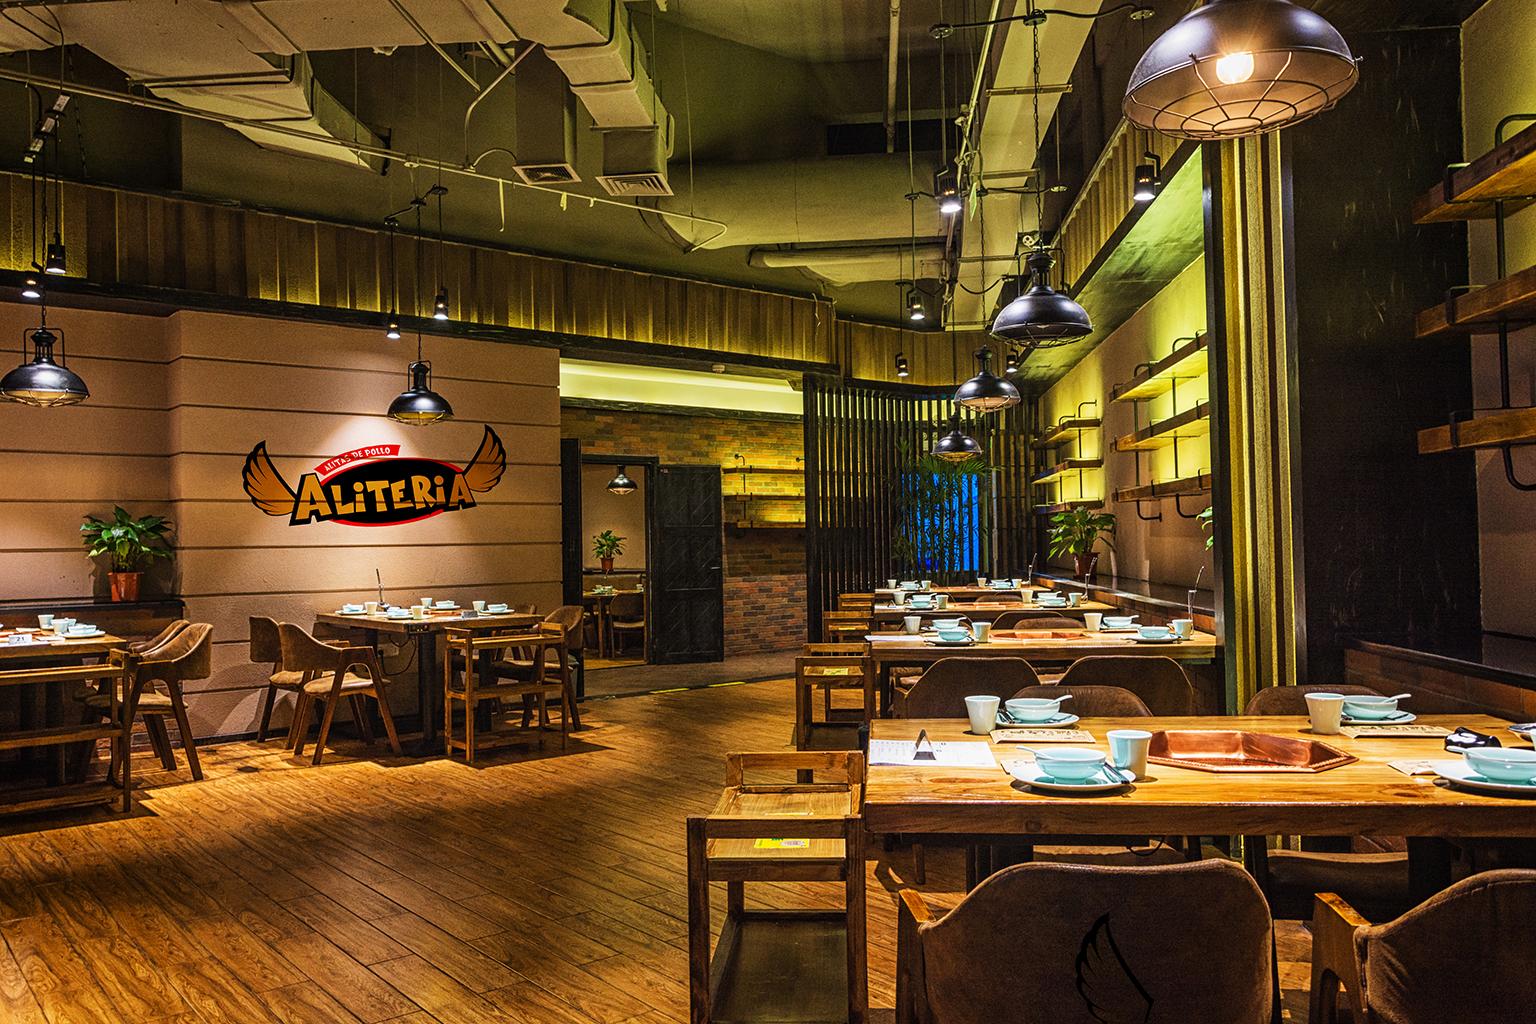 BluCactus Restaurante La Aliteria interior